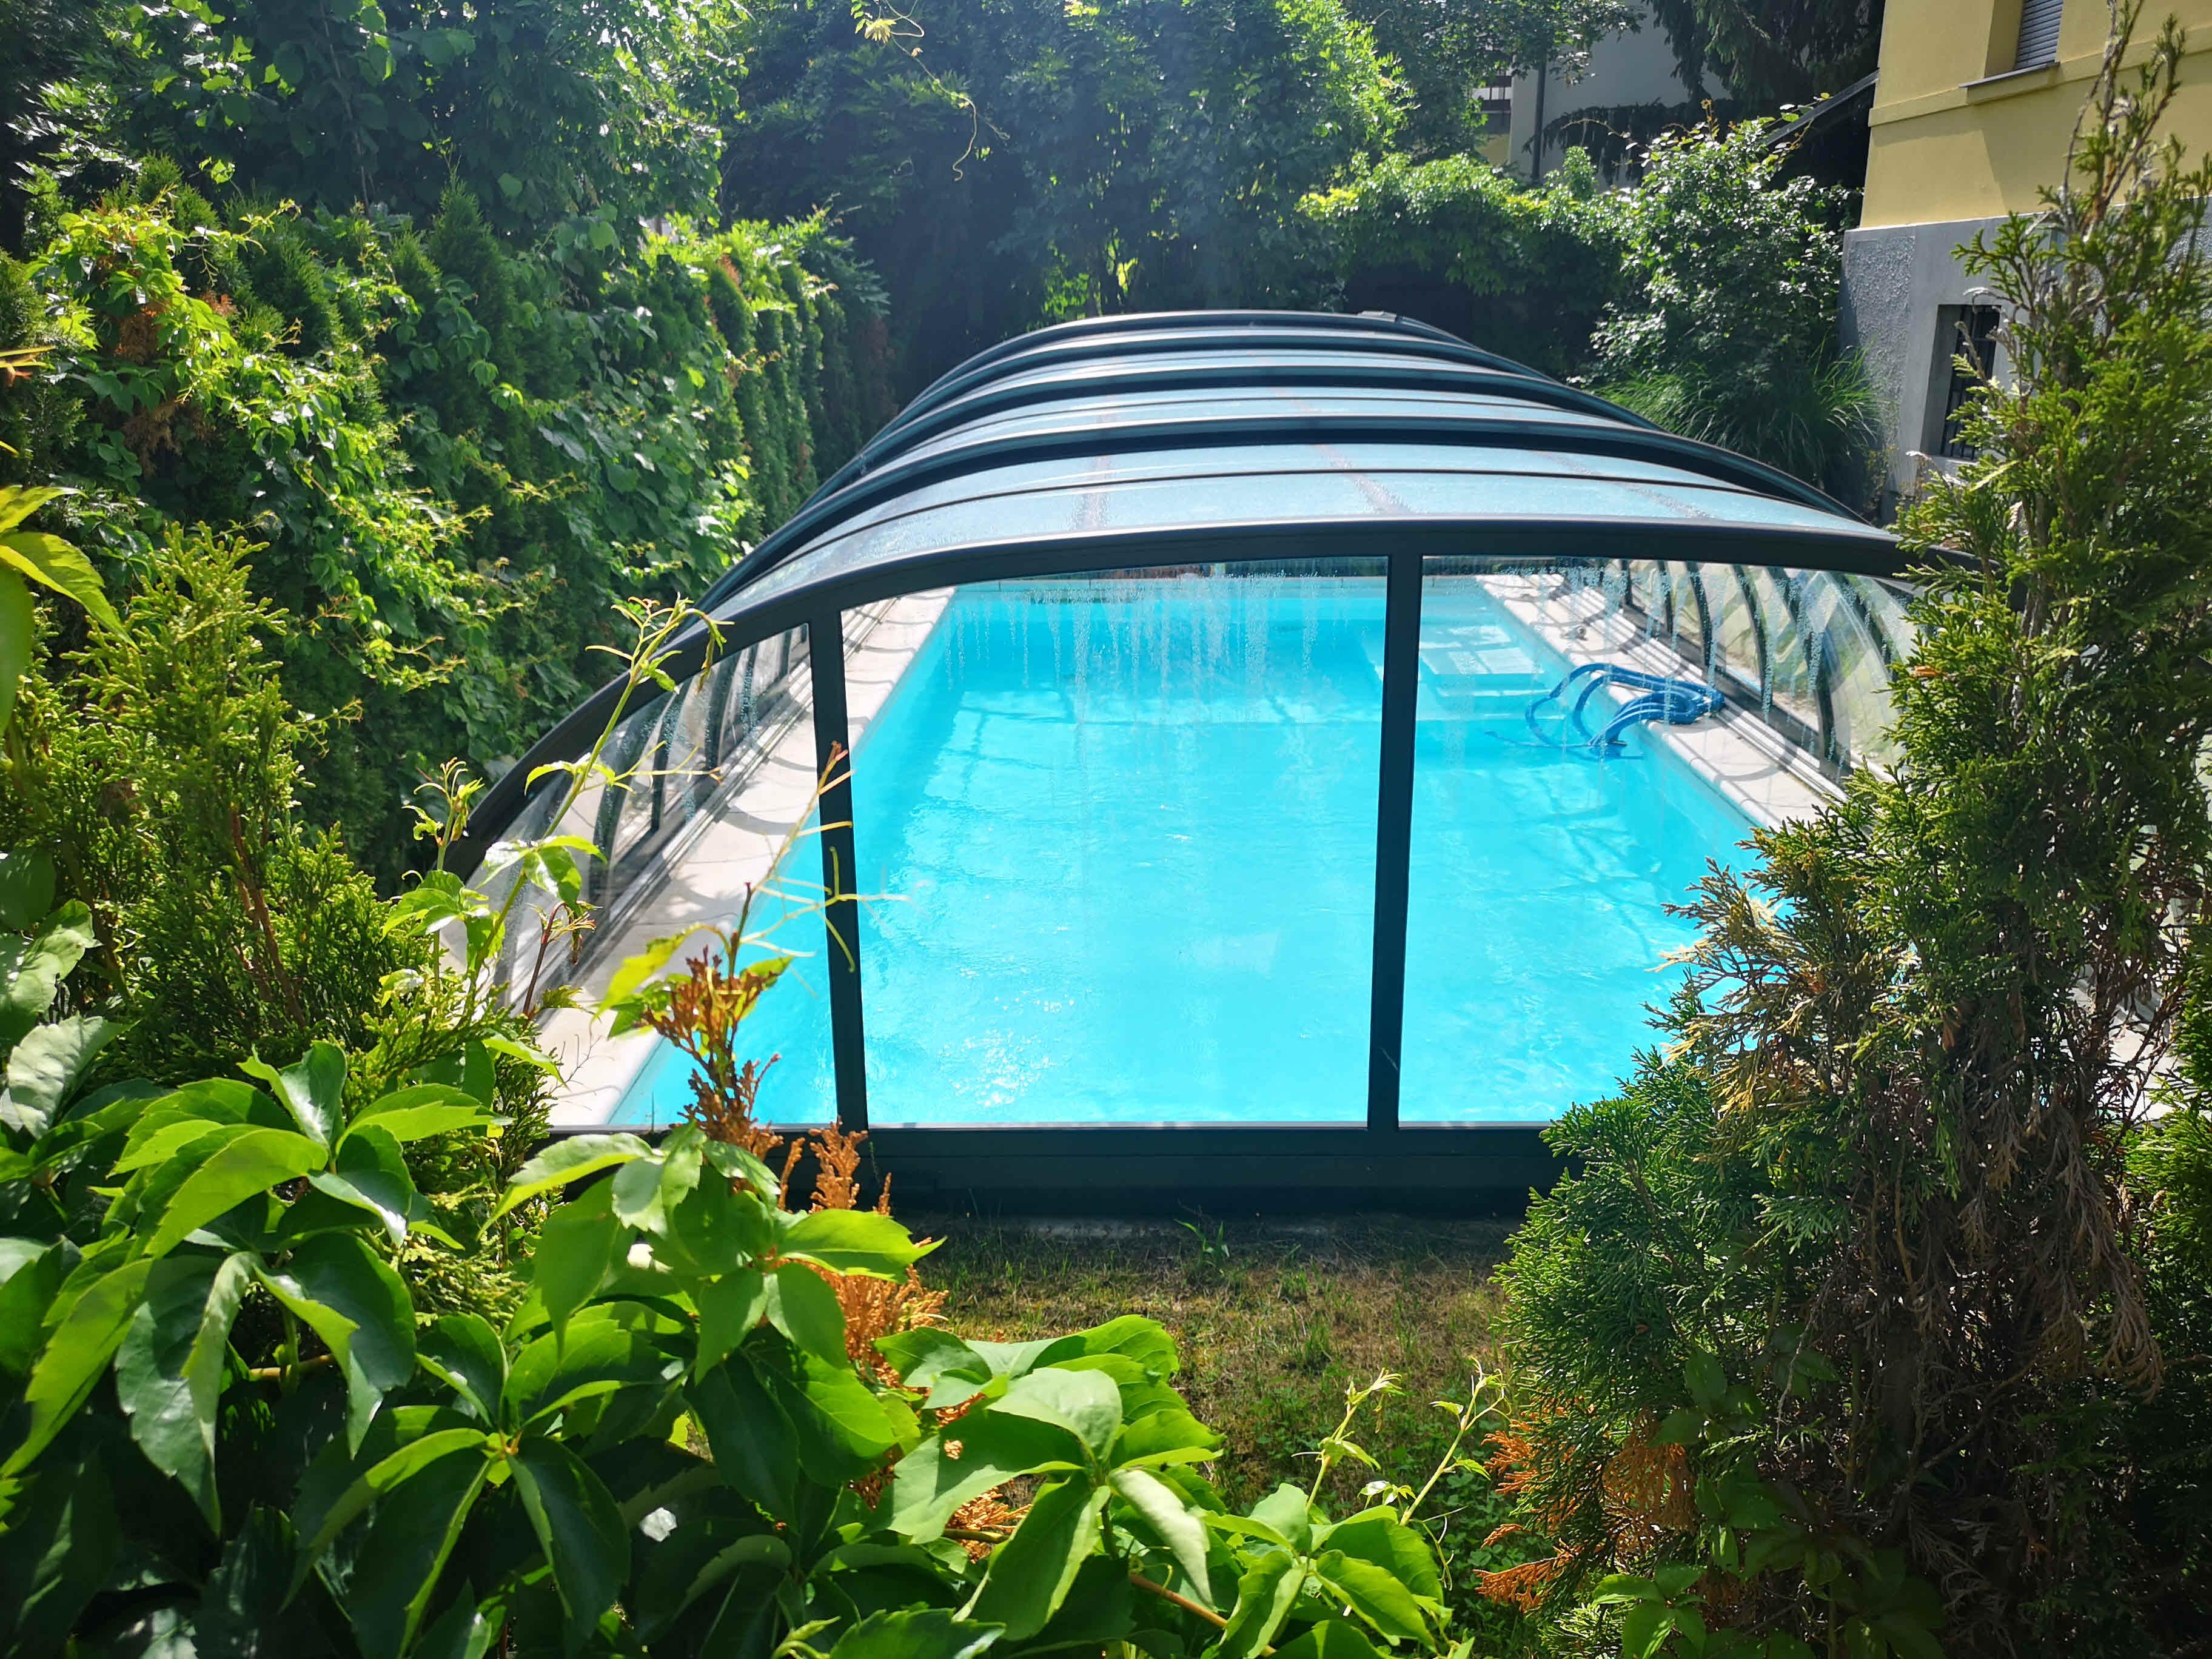 bazenska streha